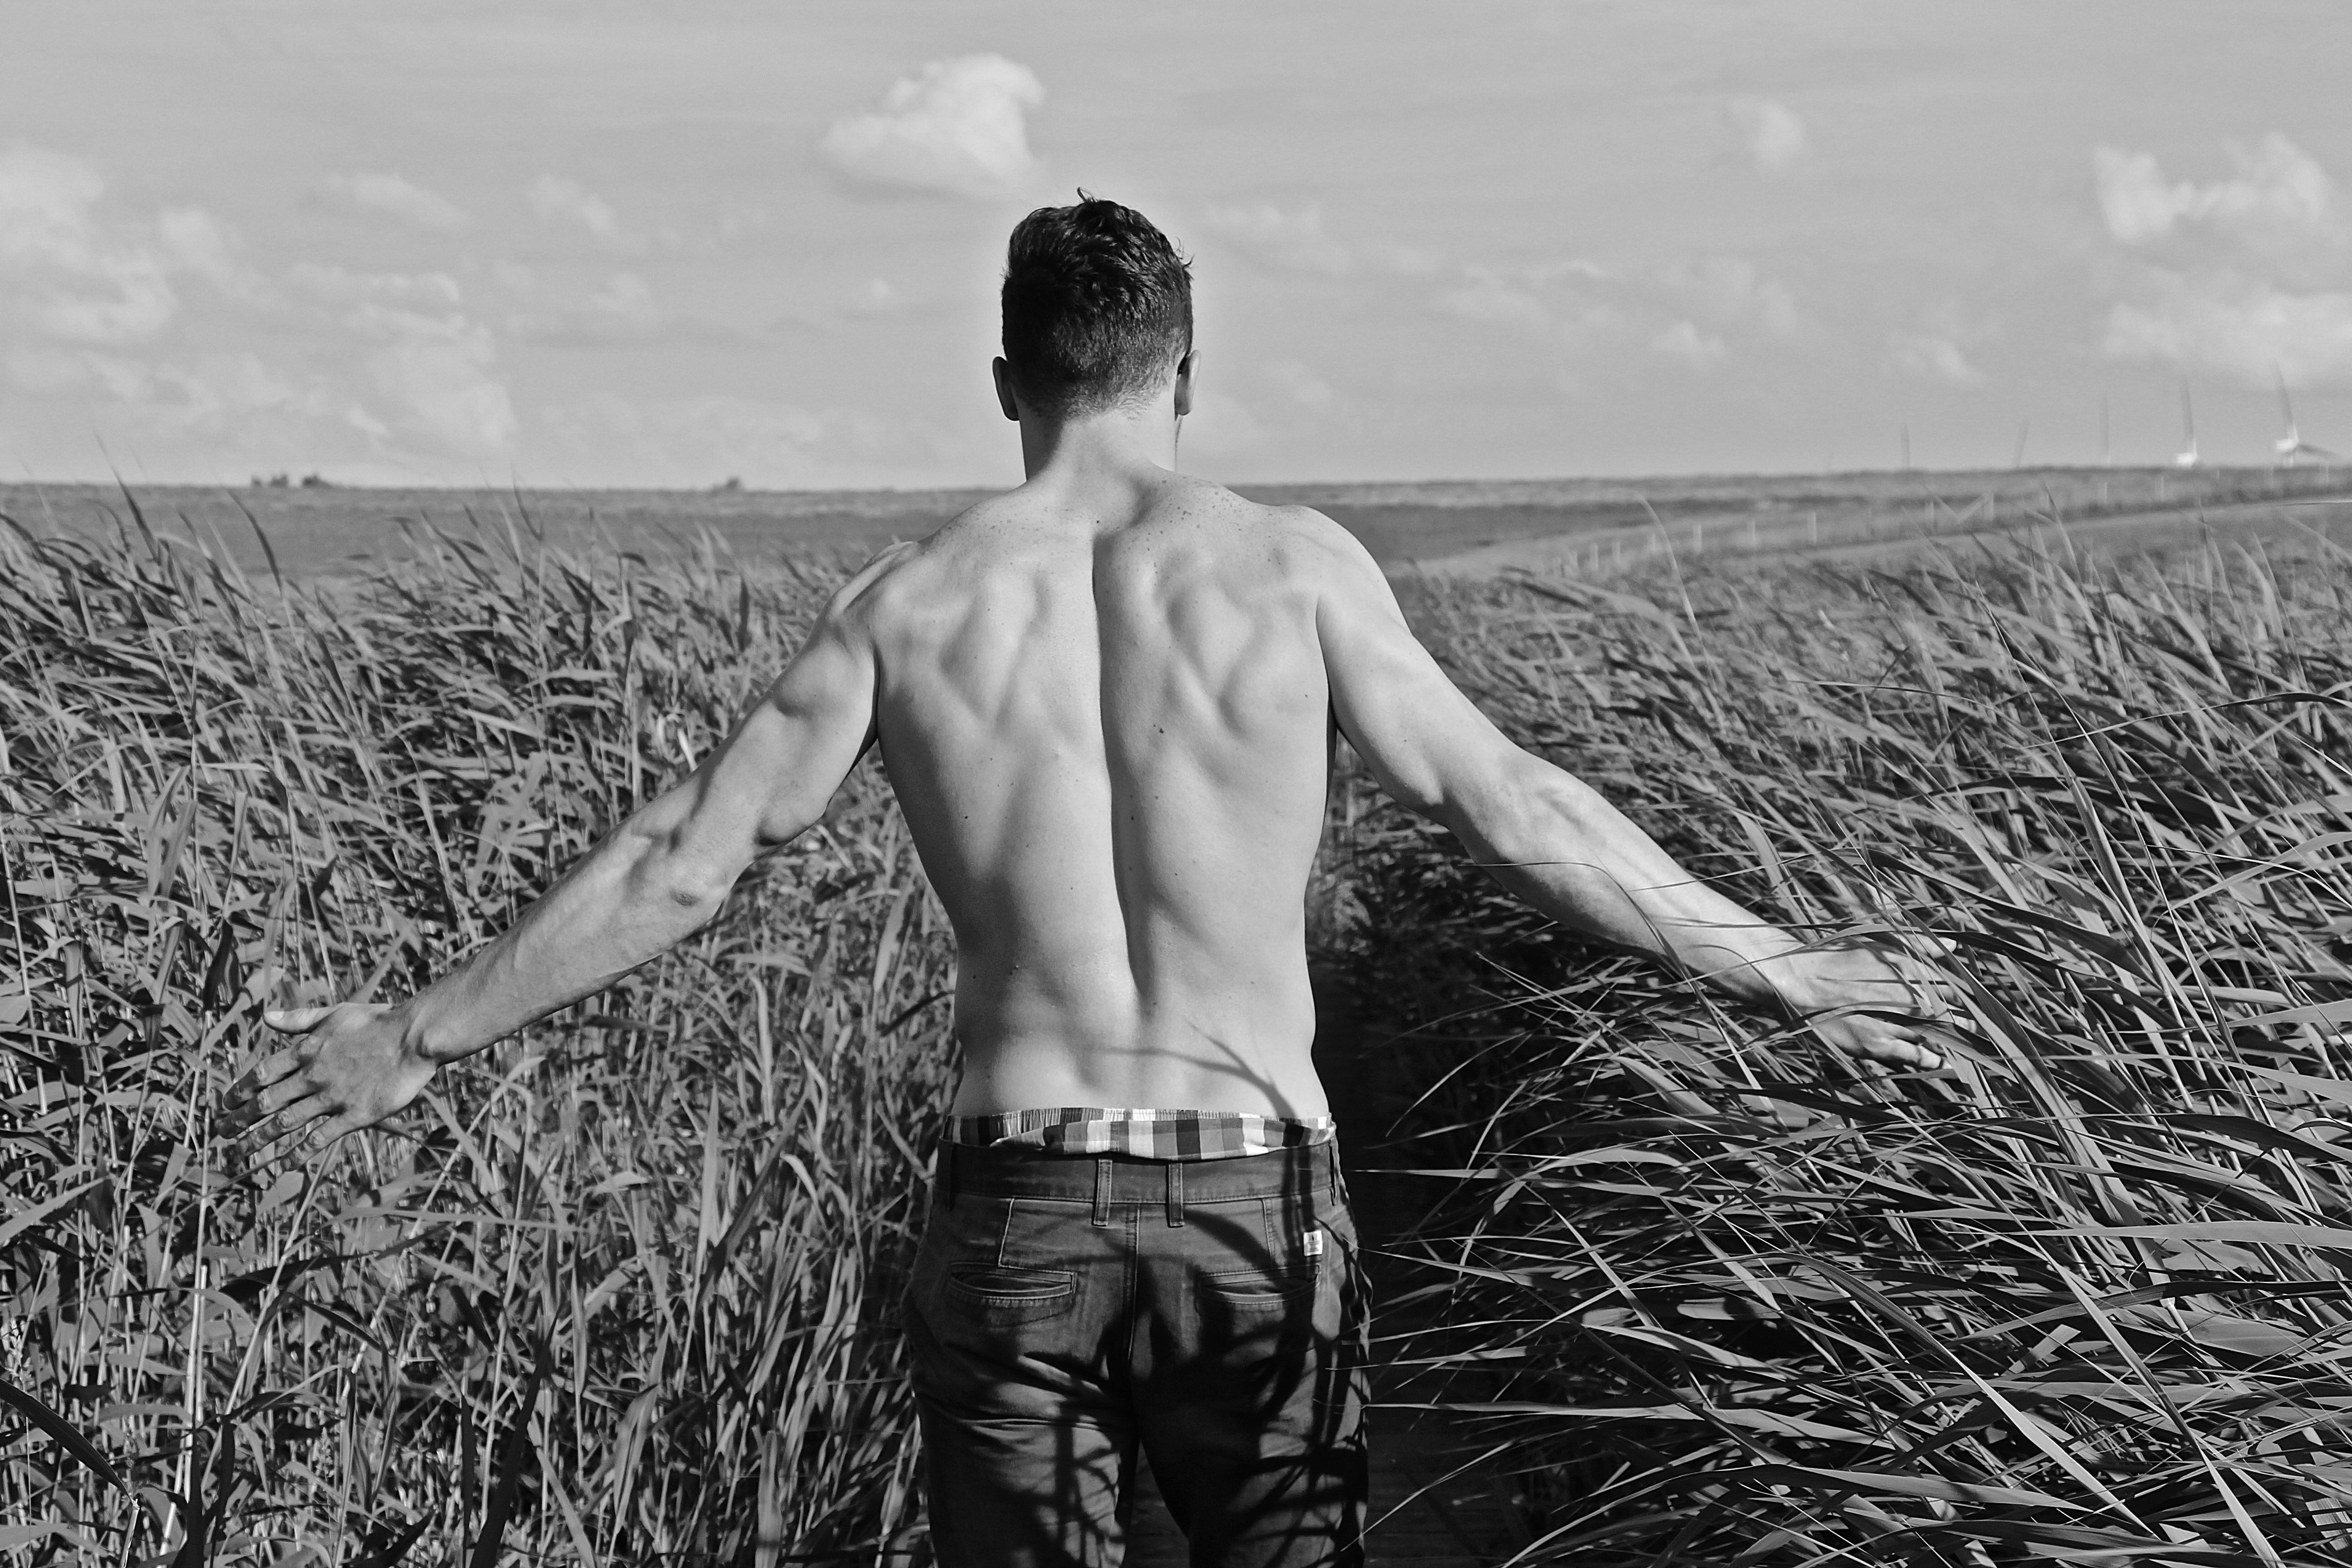 'Il nudo maschile nella fotografia e nella moda' di Leonardo Iuffrida